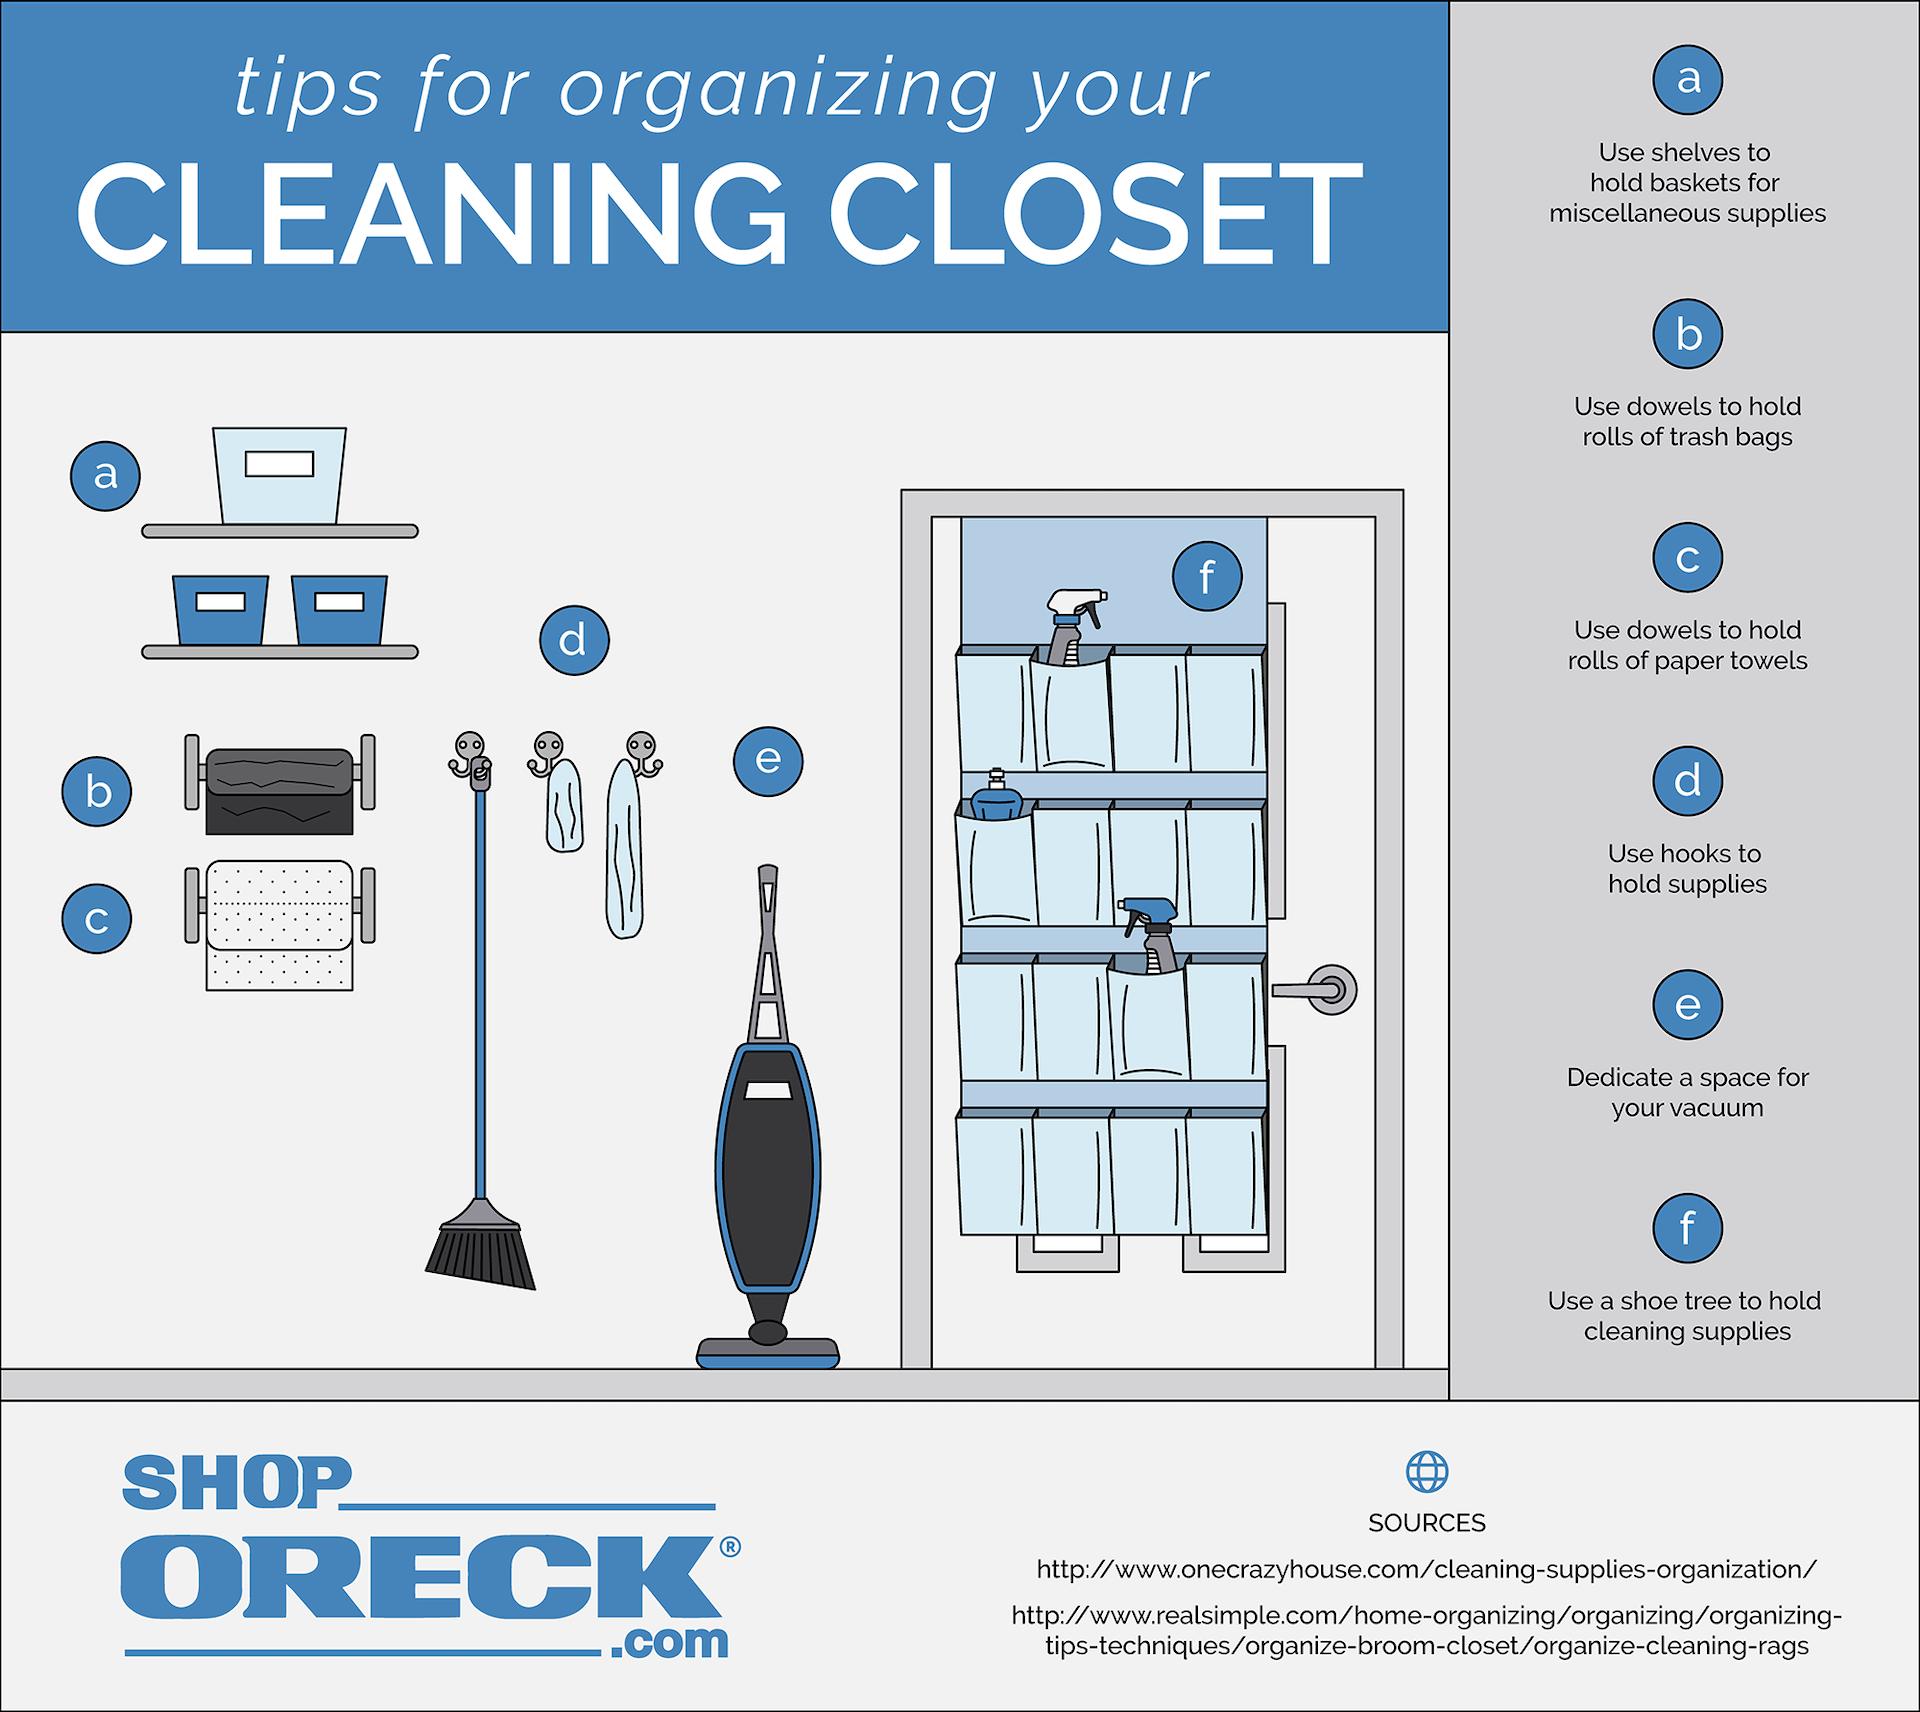 Oreck_OrganizingYourCleaningCloset_v2-01